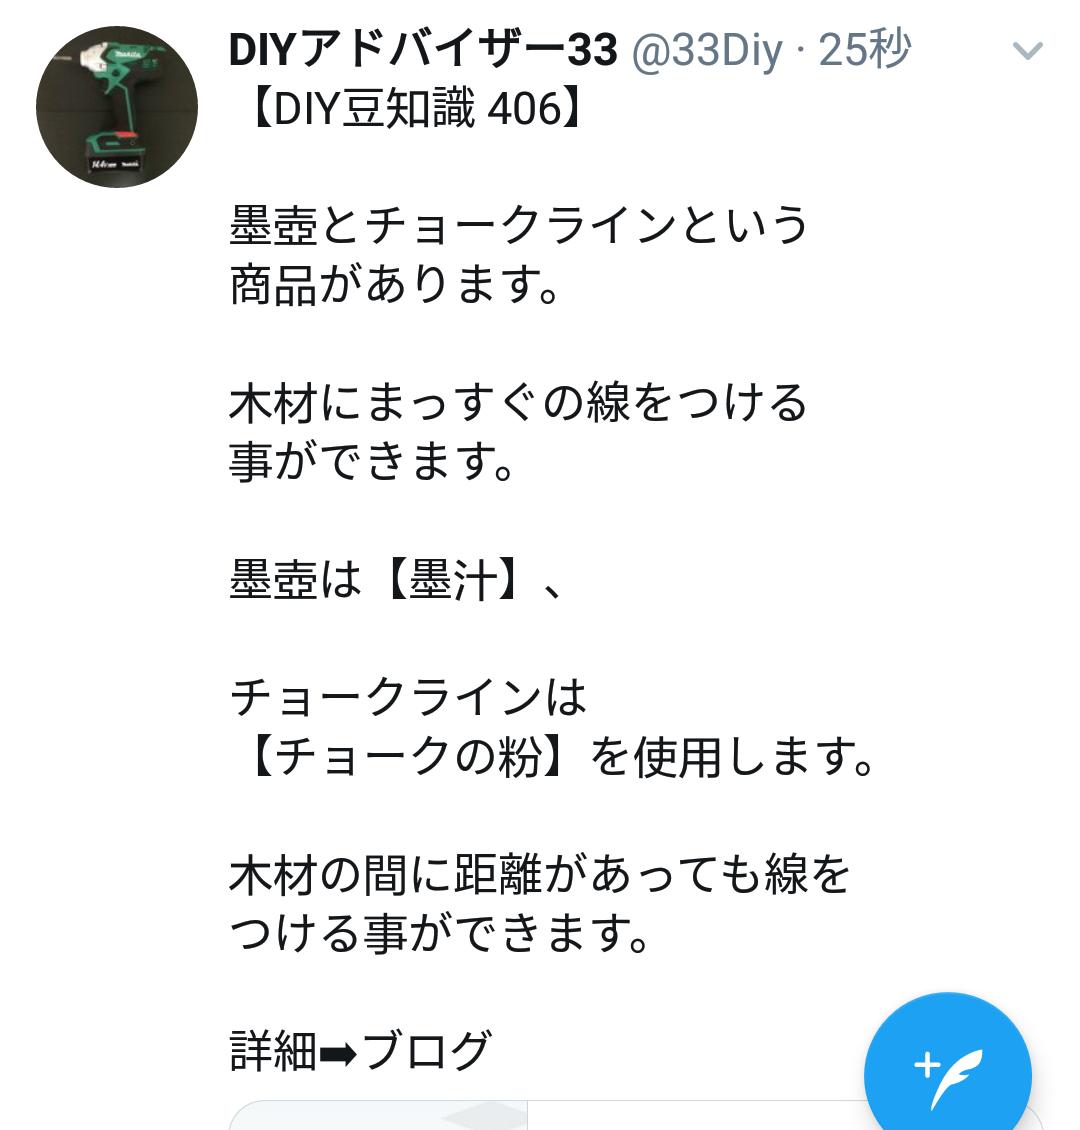 f:id:DIY33:20190523084114p:plain